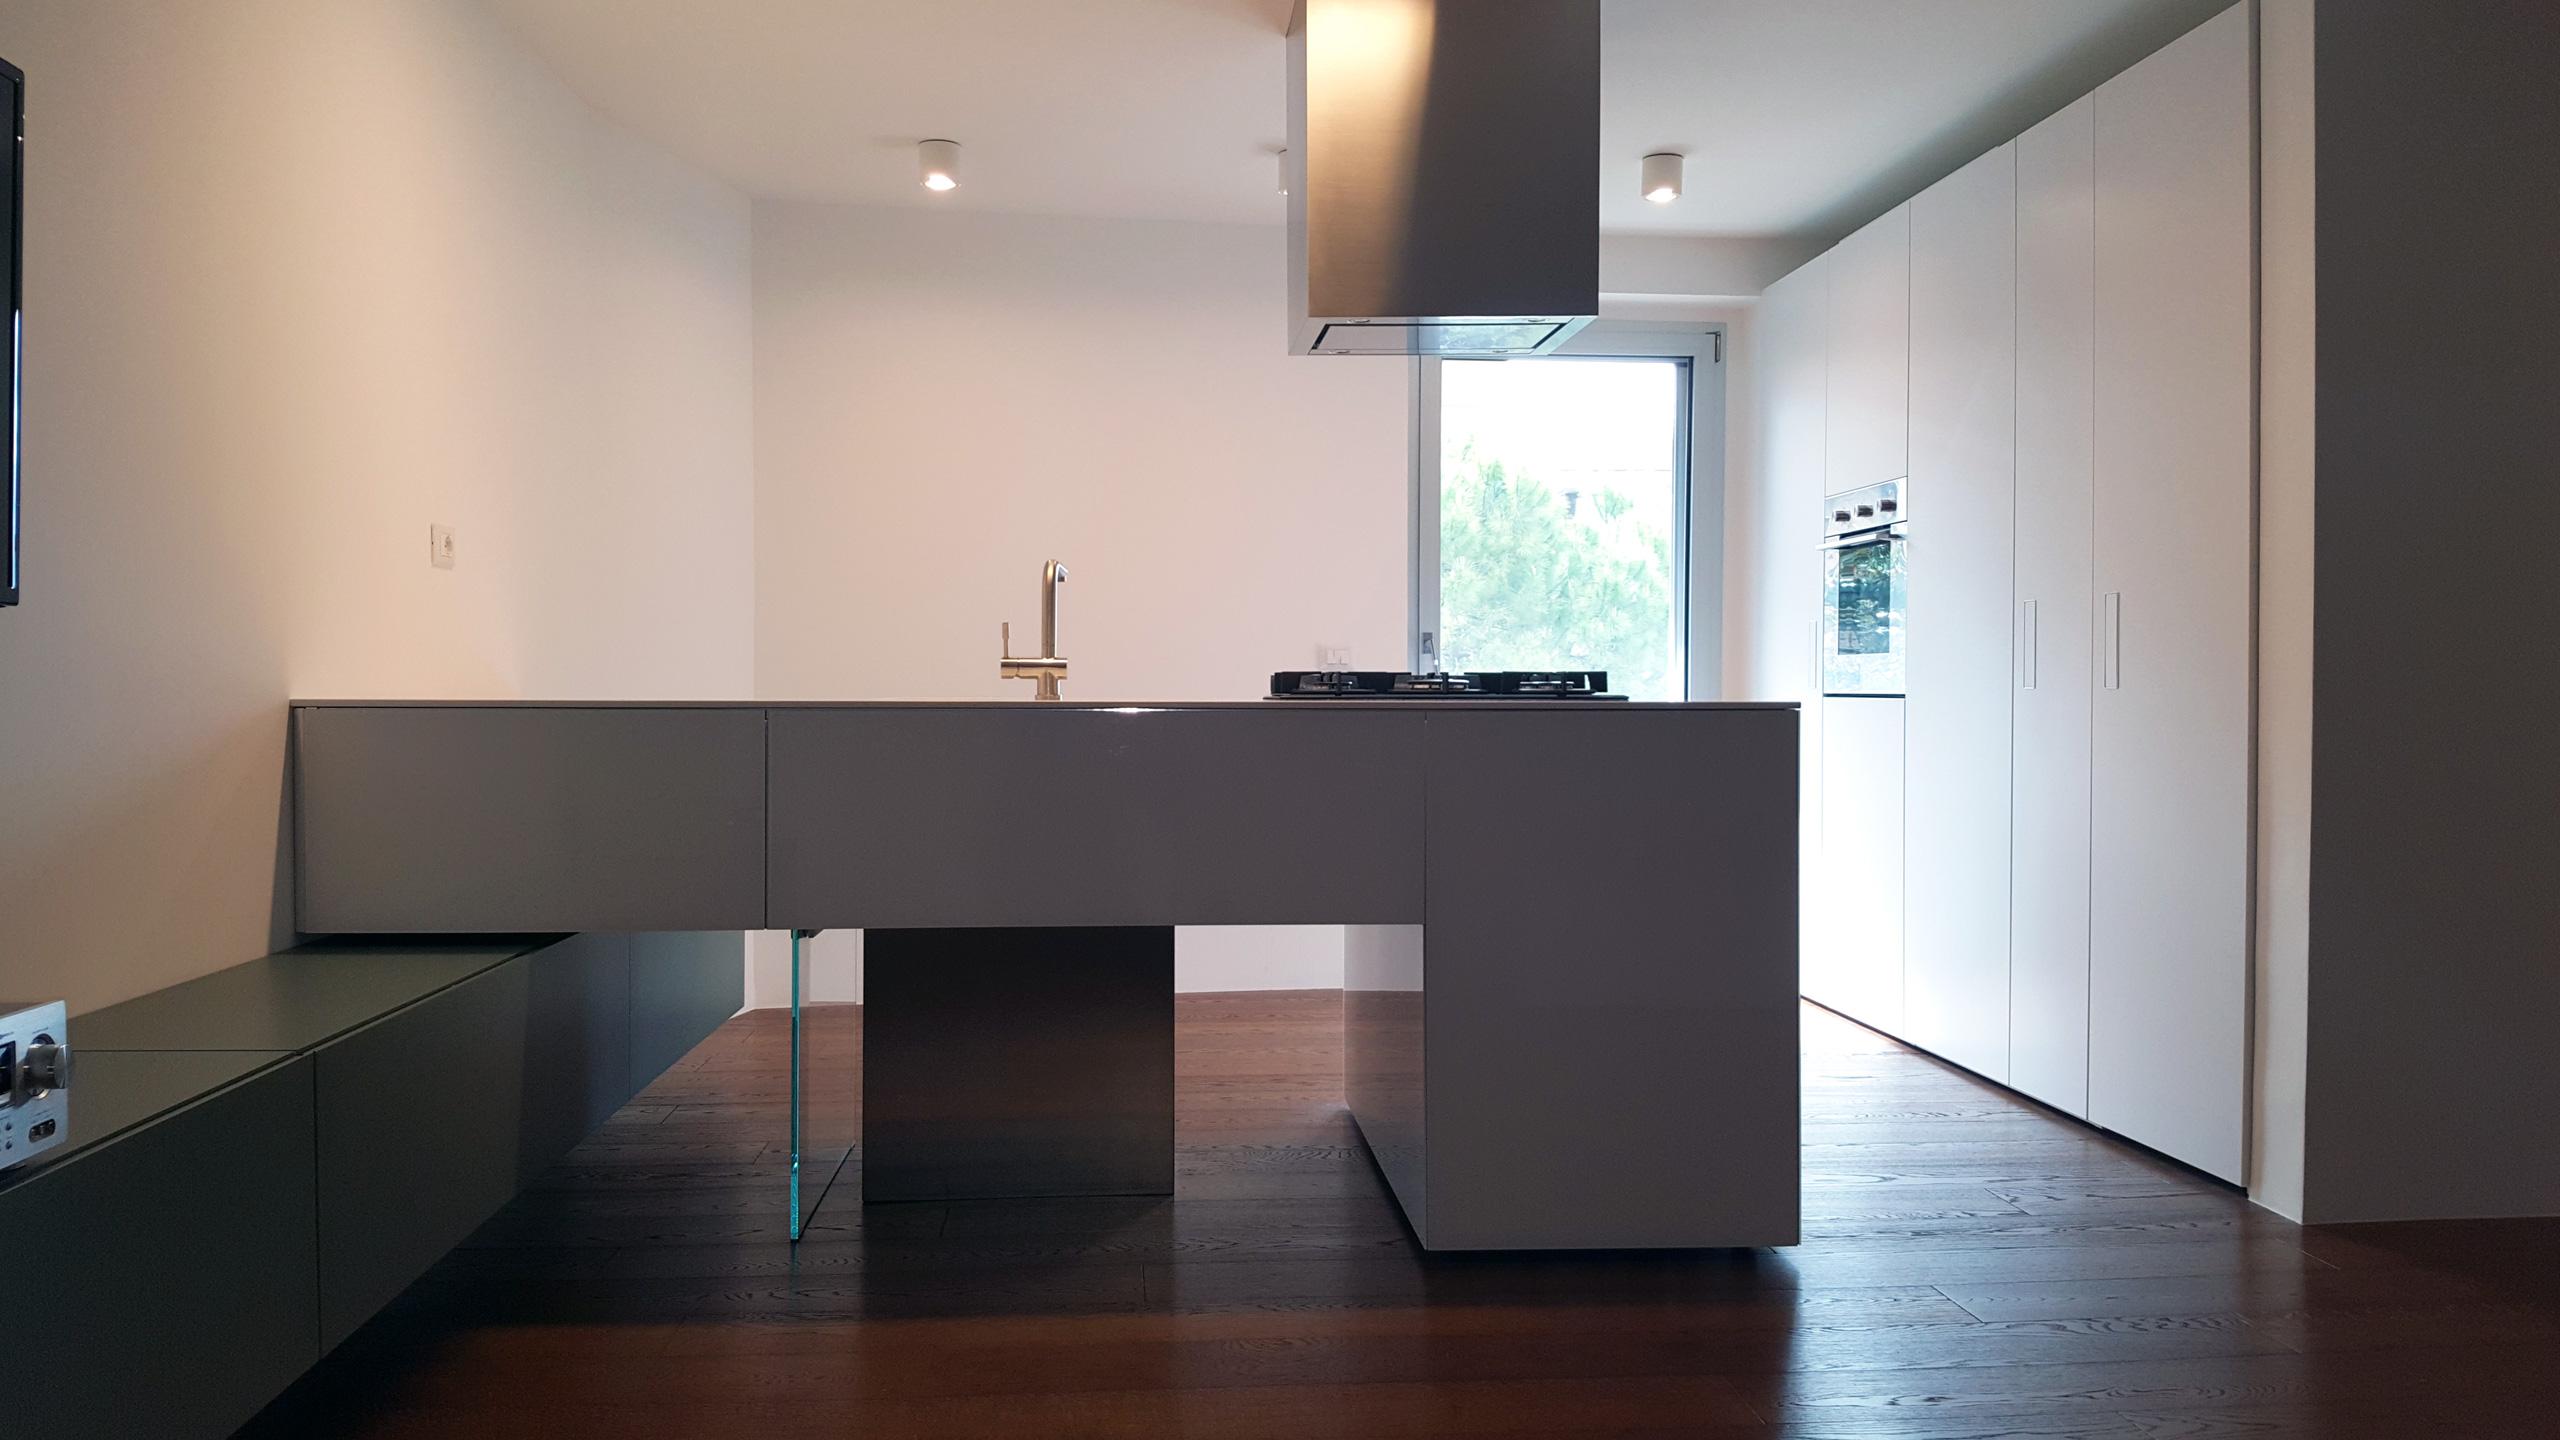 Il blog di dimensione legno a ripa teatina for Concetto aperto cucina soggiorno